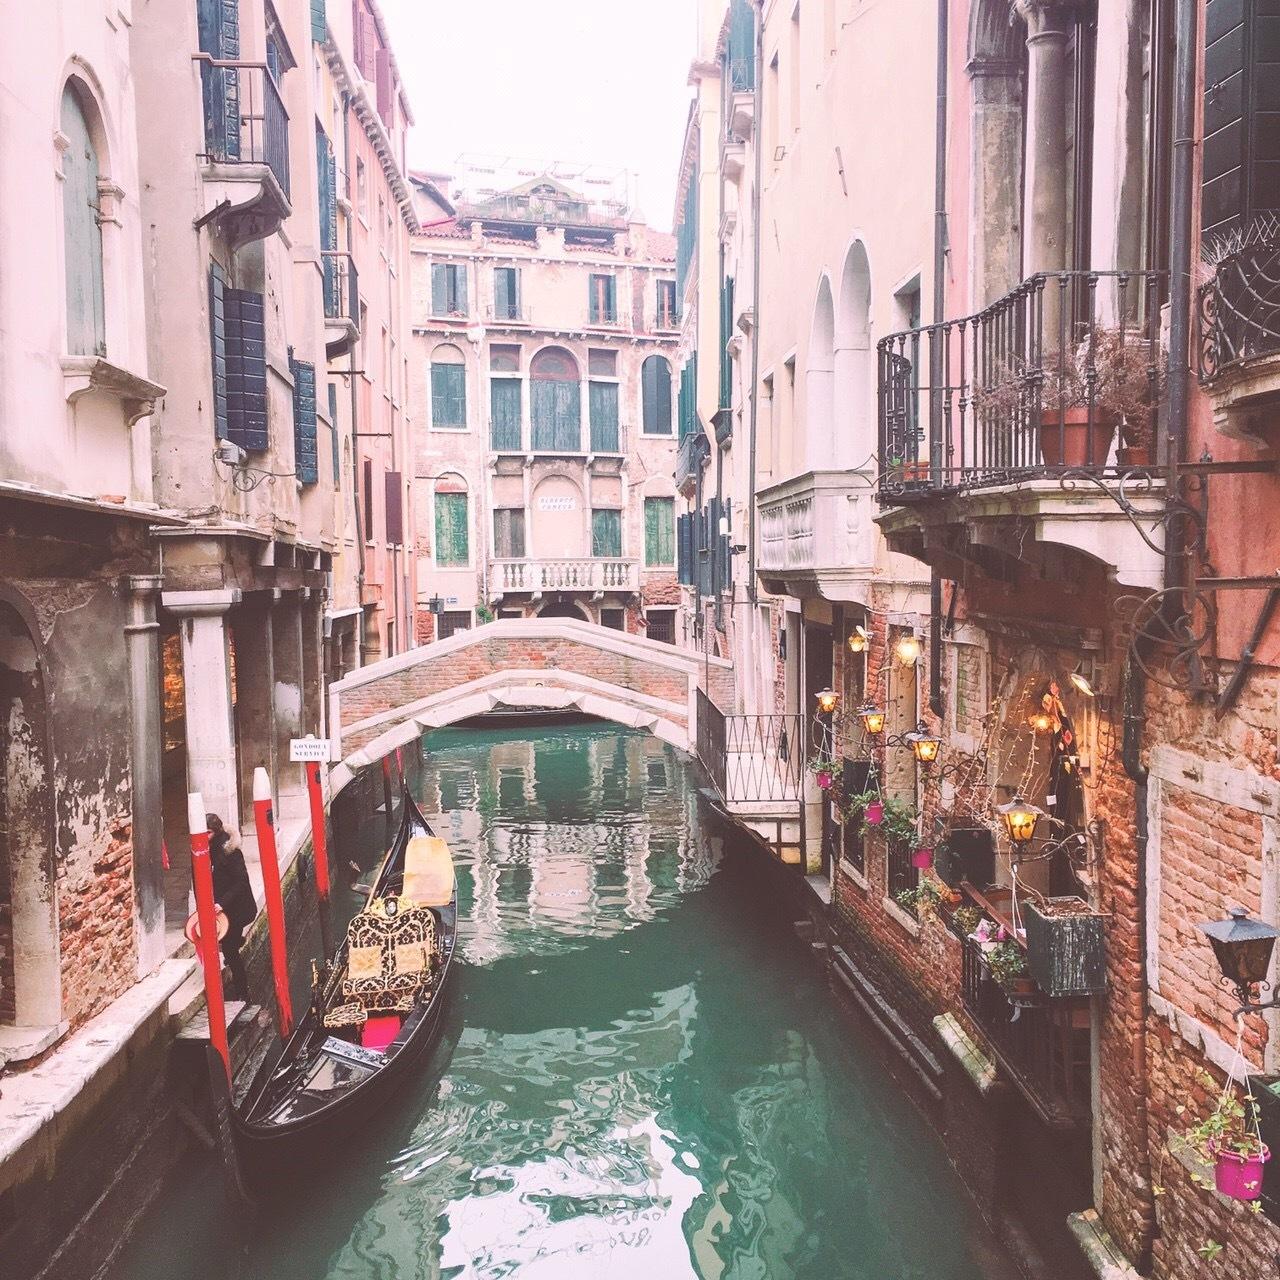 ロマンチックなイタリア旅行 --水の都【ベネチア】を観光--_1_1-2